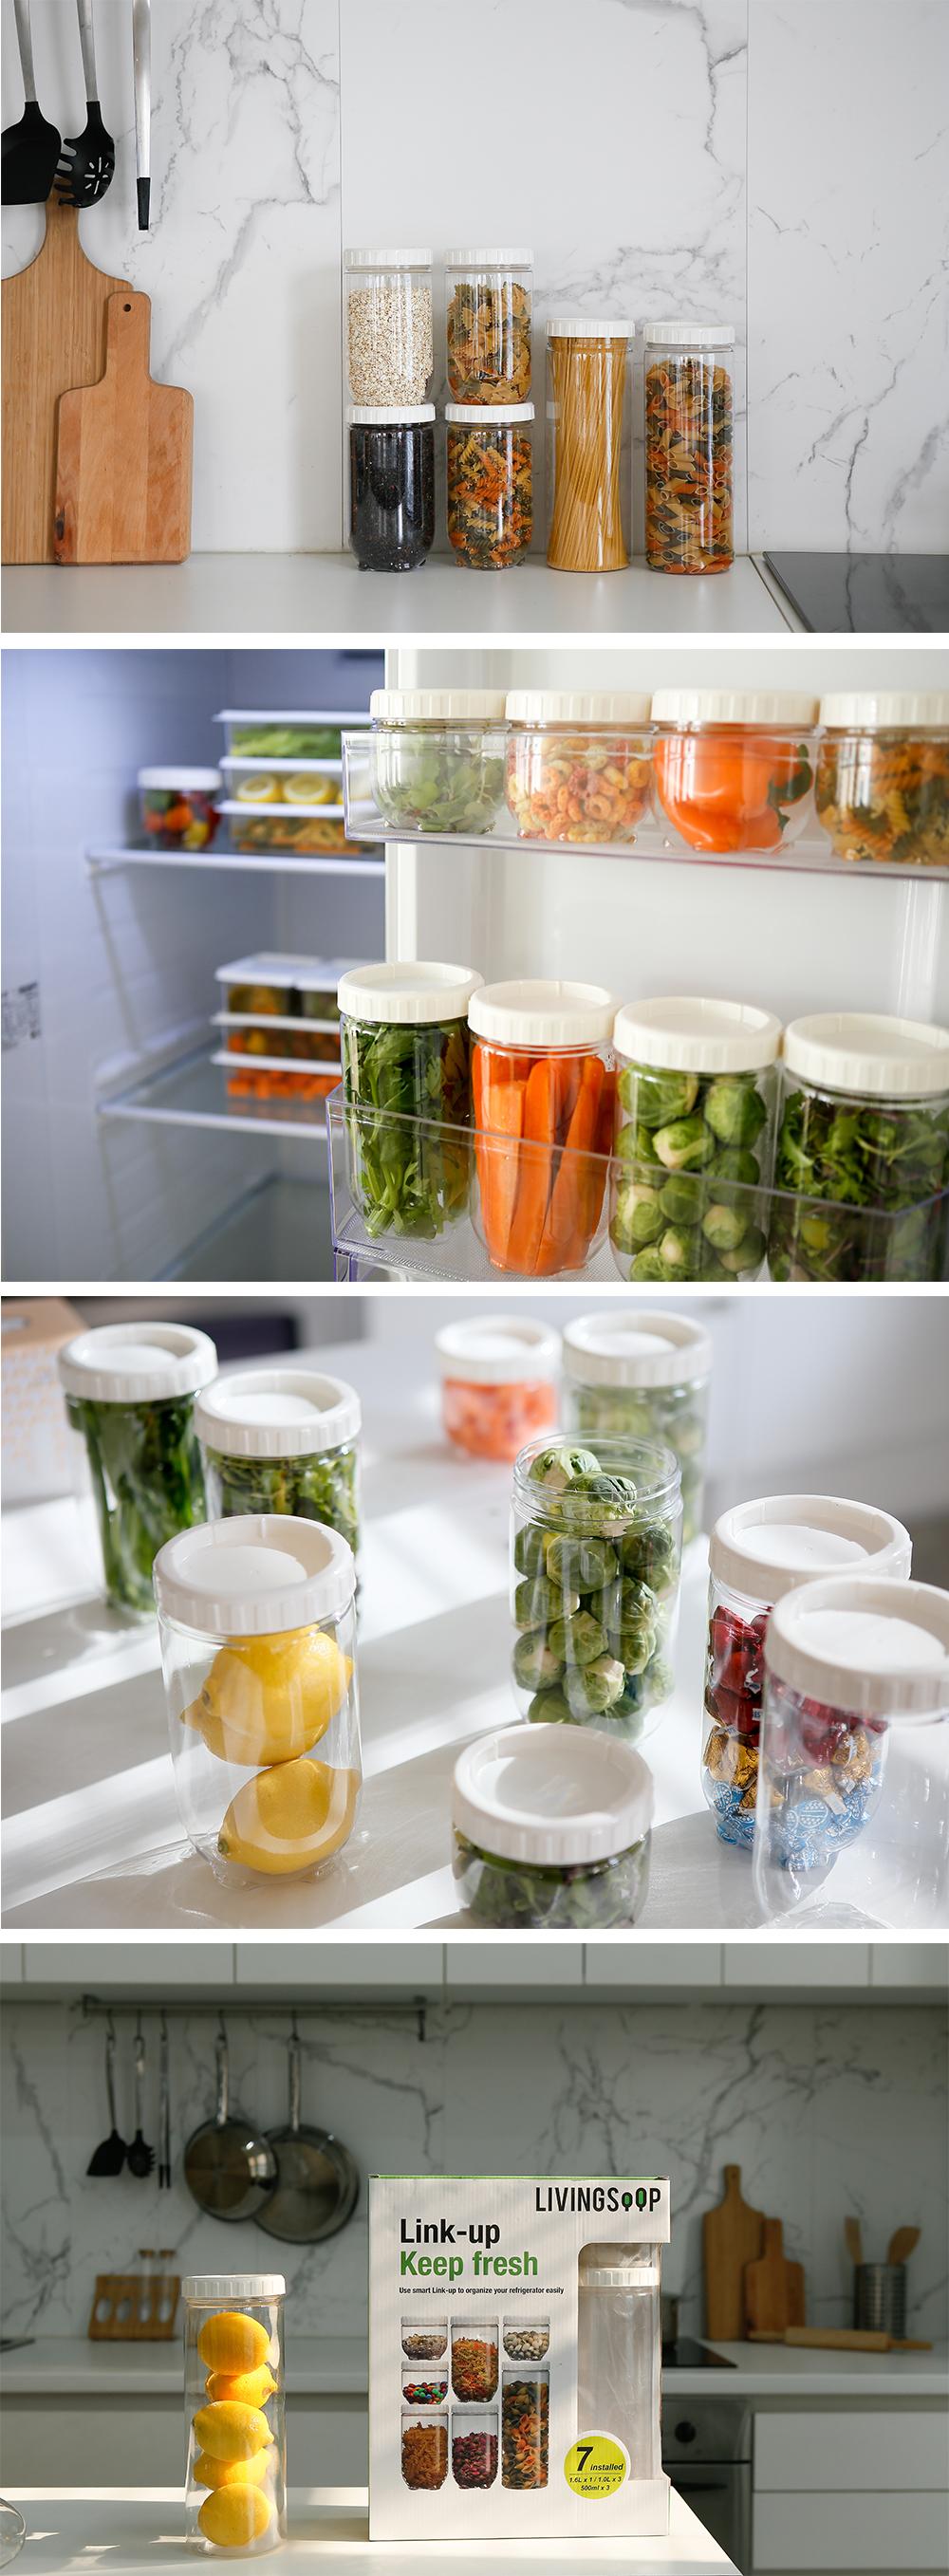 단품 냉장고 보관 용기 원형set 7P - 리빙숲, 19,900원, 밀폐/보관용기, 반찬/밀폐용기